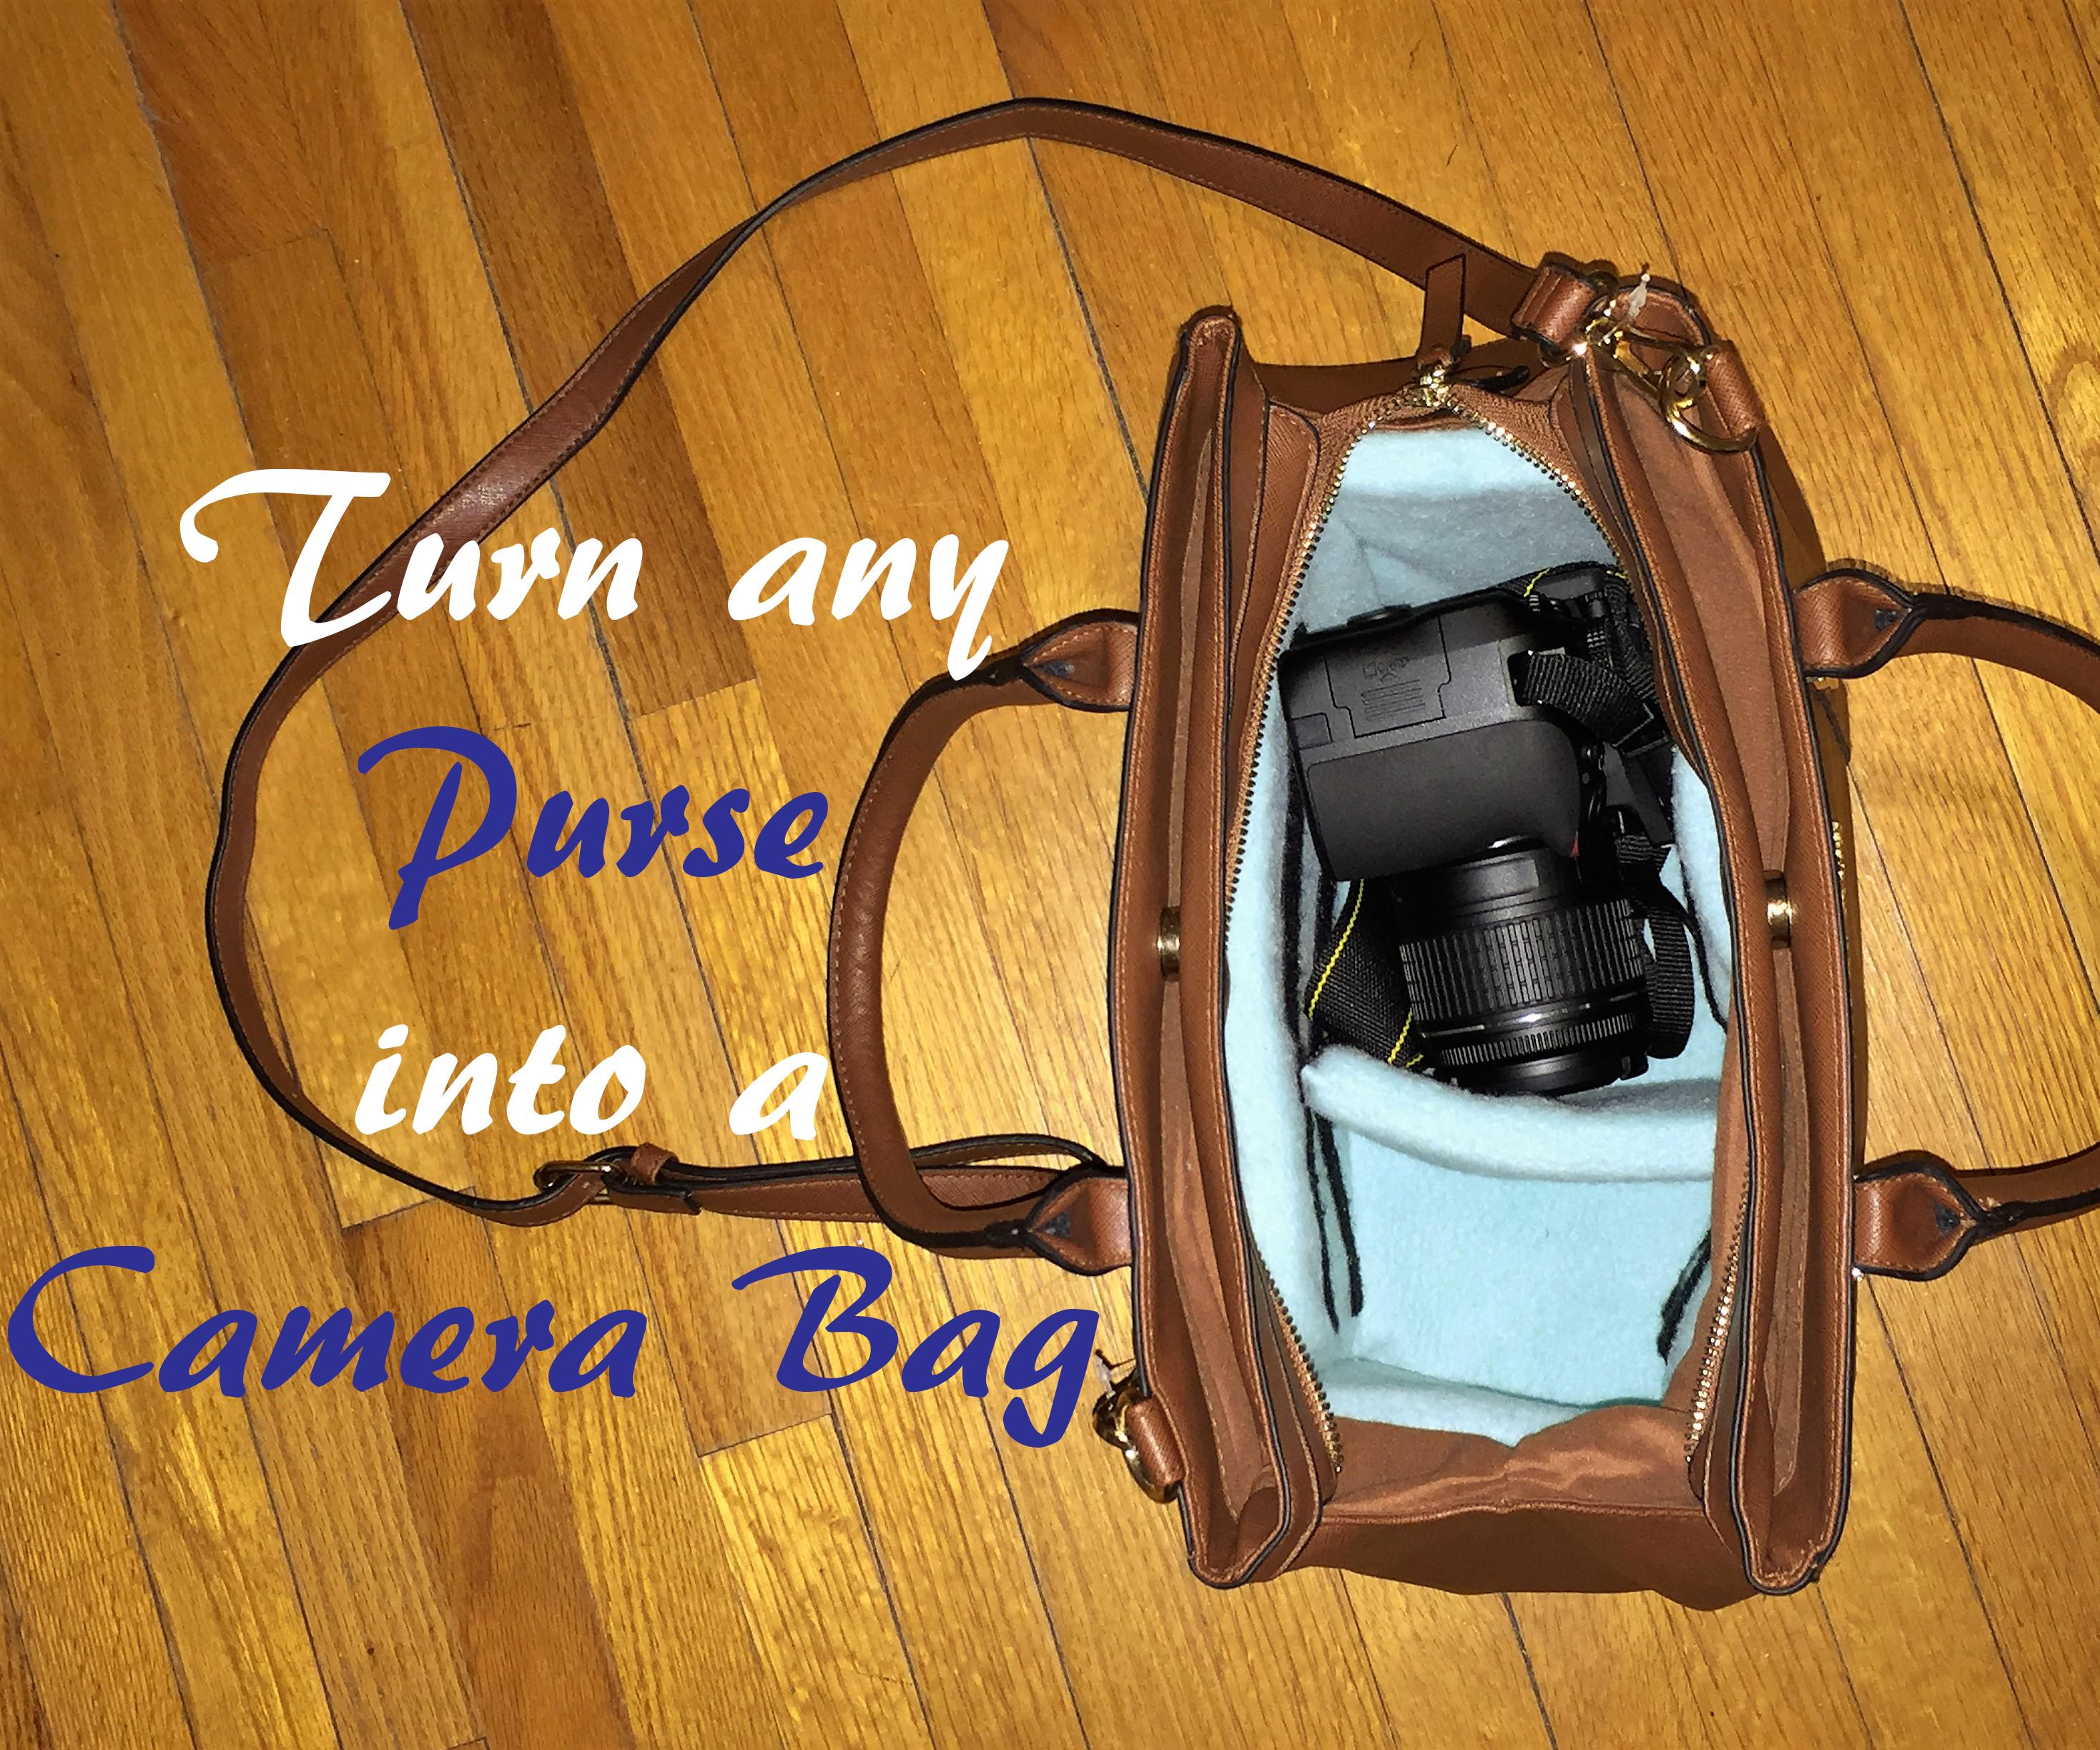 Turn Any Purse into a Camera Bag